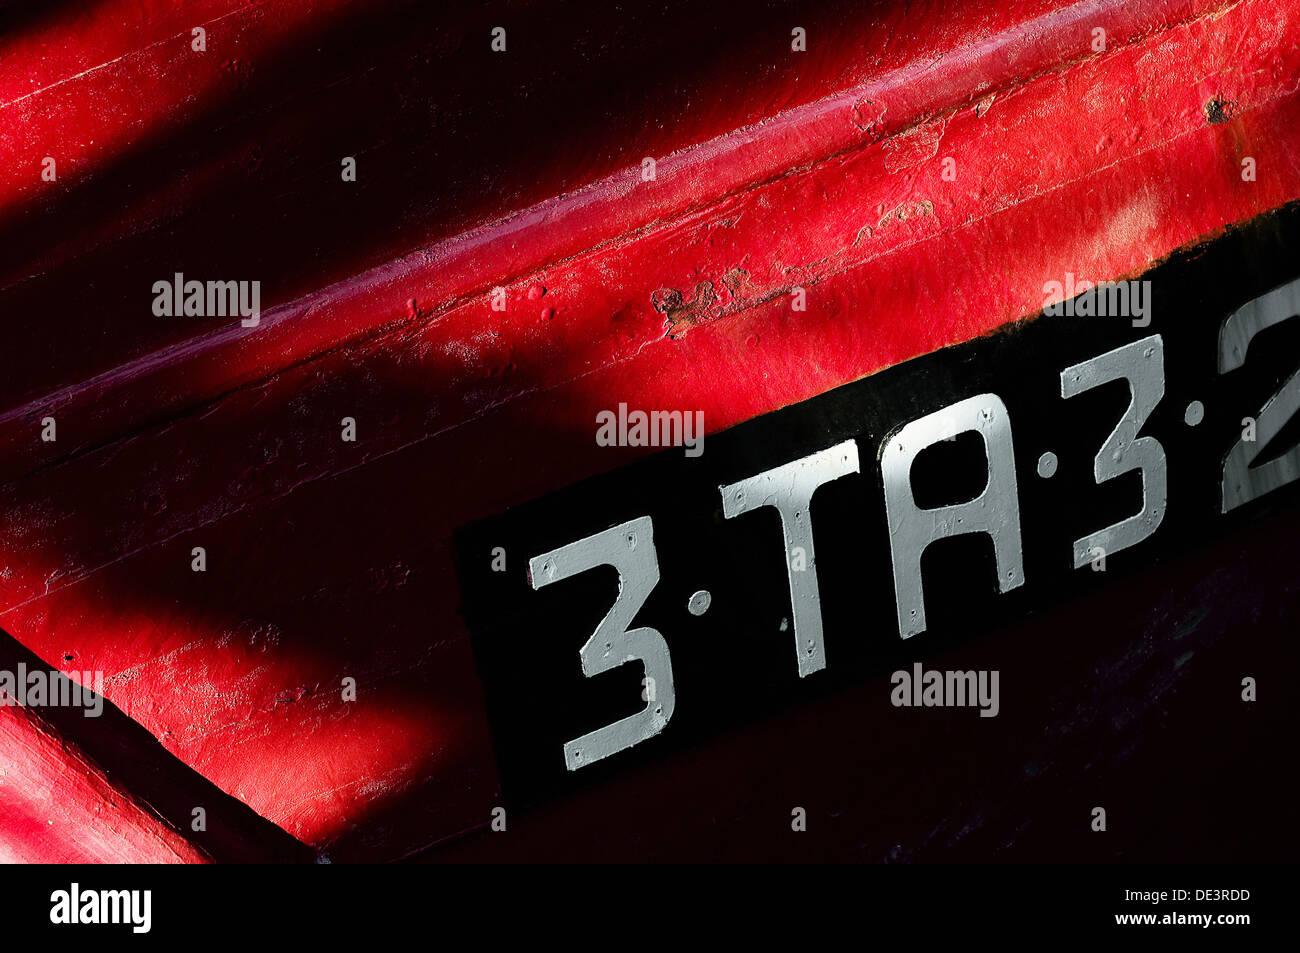 Textura en rojo, negro y blanco. Barca de pesca. - Stock Image